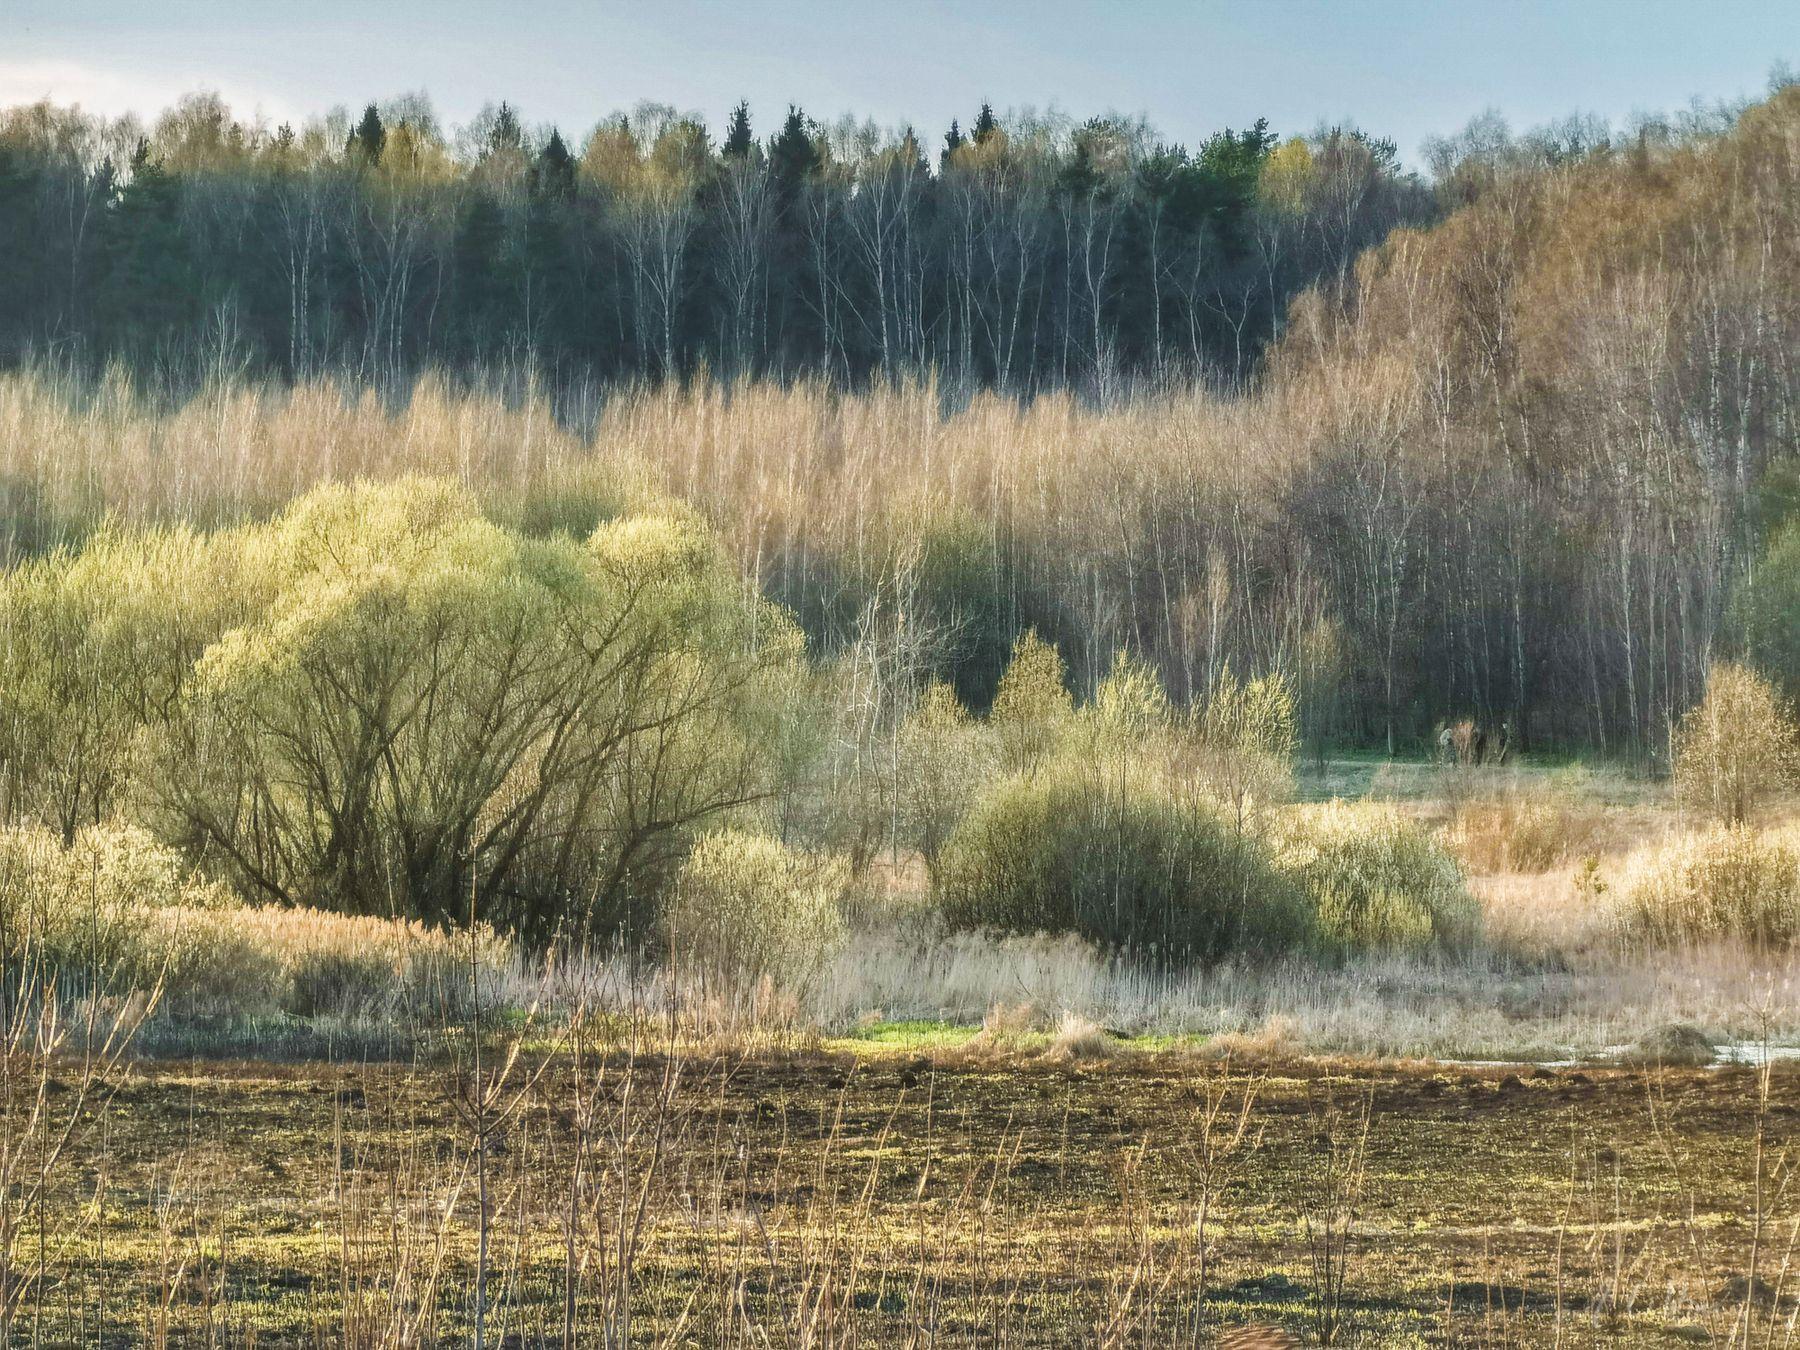 Зеленая дымка апреля поле лес ивы березы болото сосны